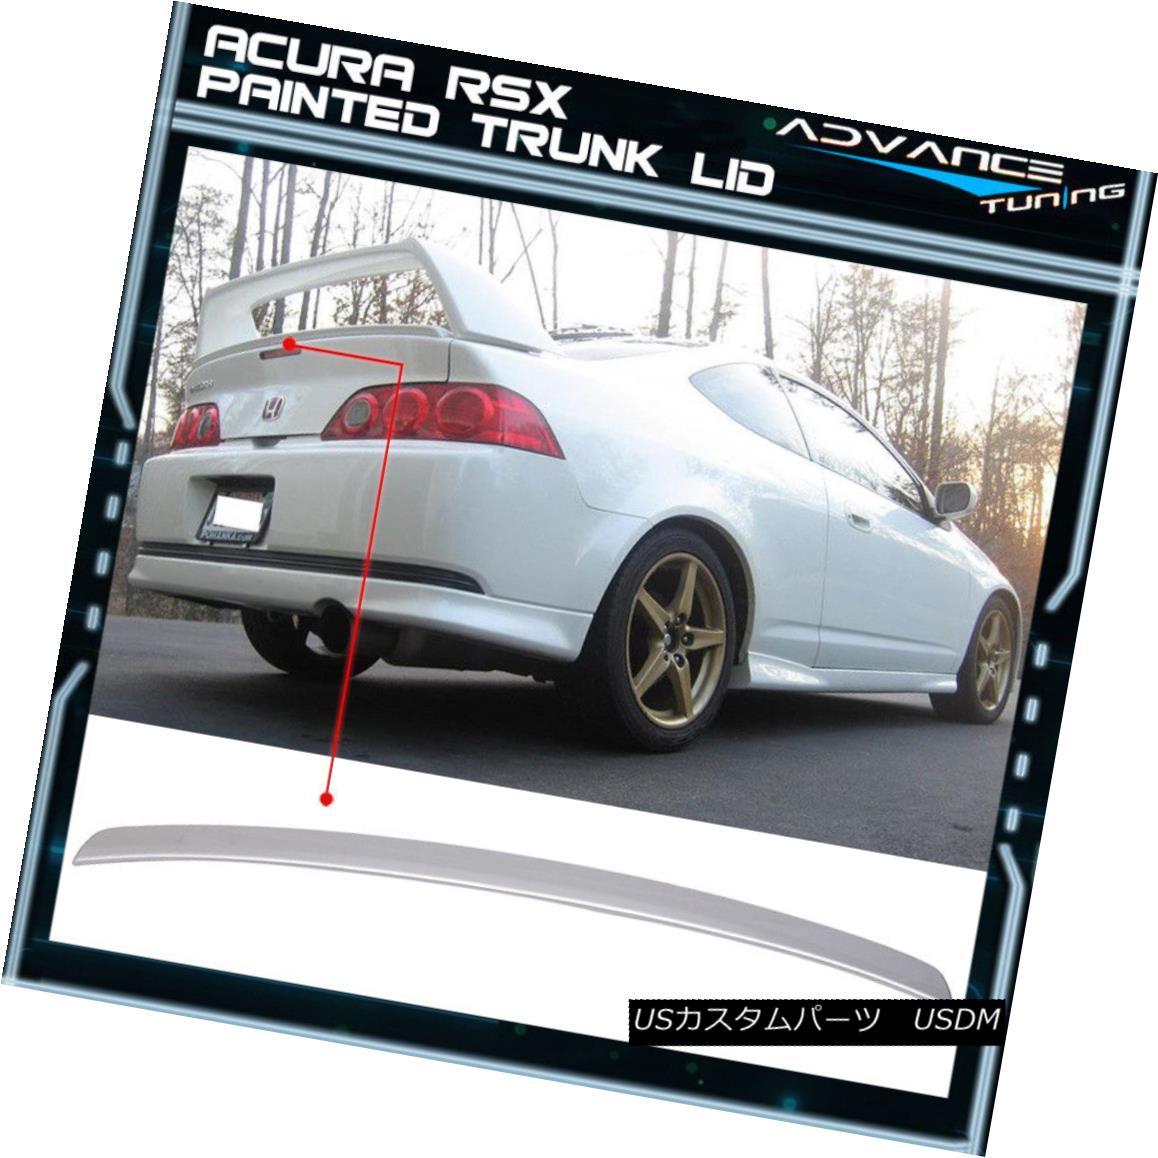 エアロパーツ 02-06 RSX For Type R Trunk Spoiler Painted Satin Silver Metallic #NH623M 02-06 RSX用タイプRトランク・スポイラー塗装サテンシルバーメタリック#NH623M